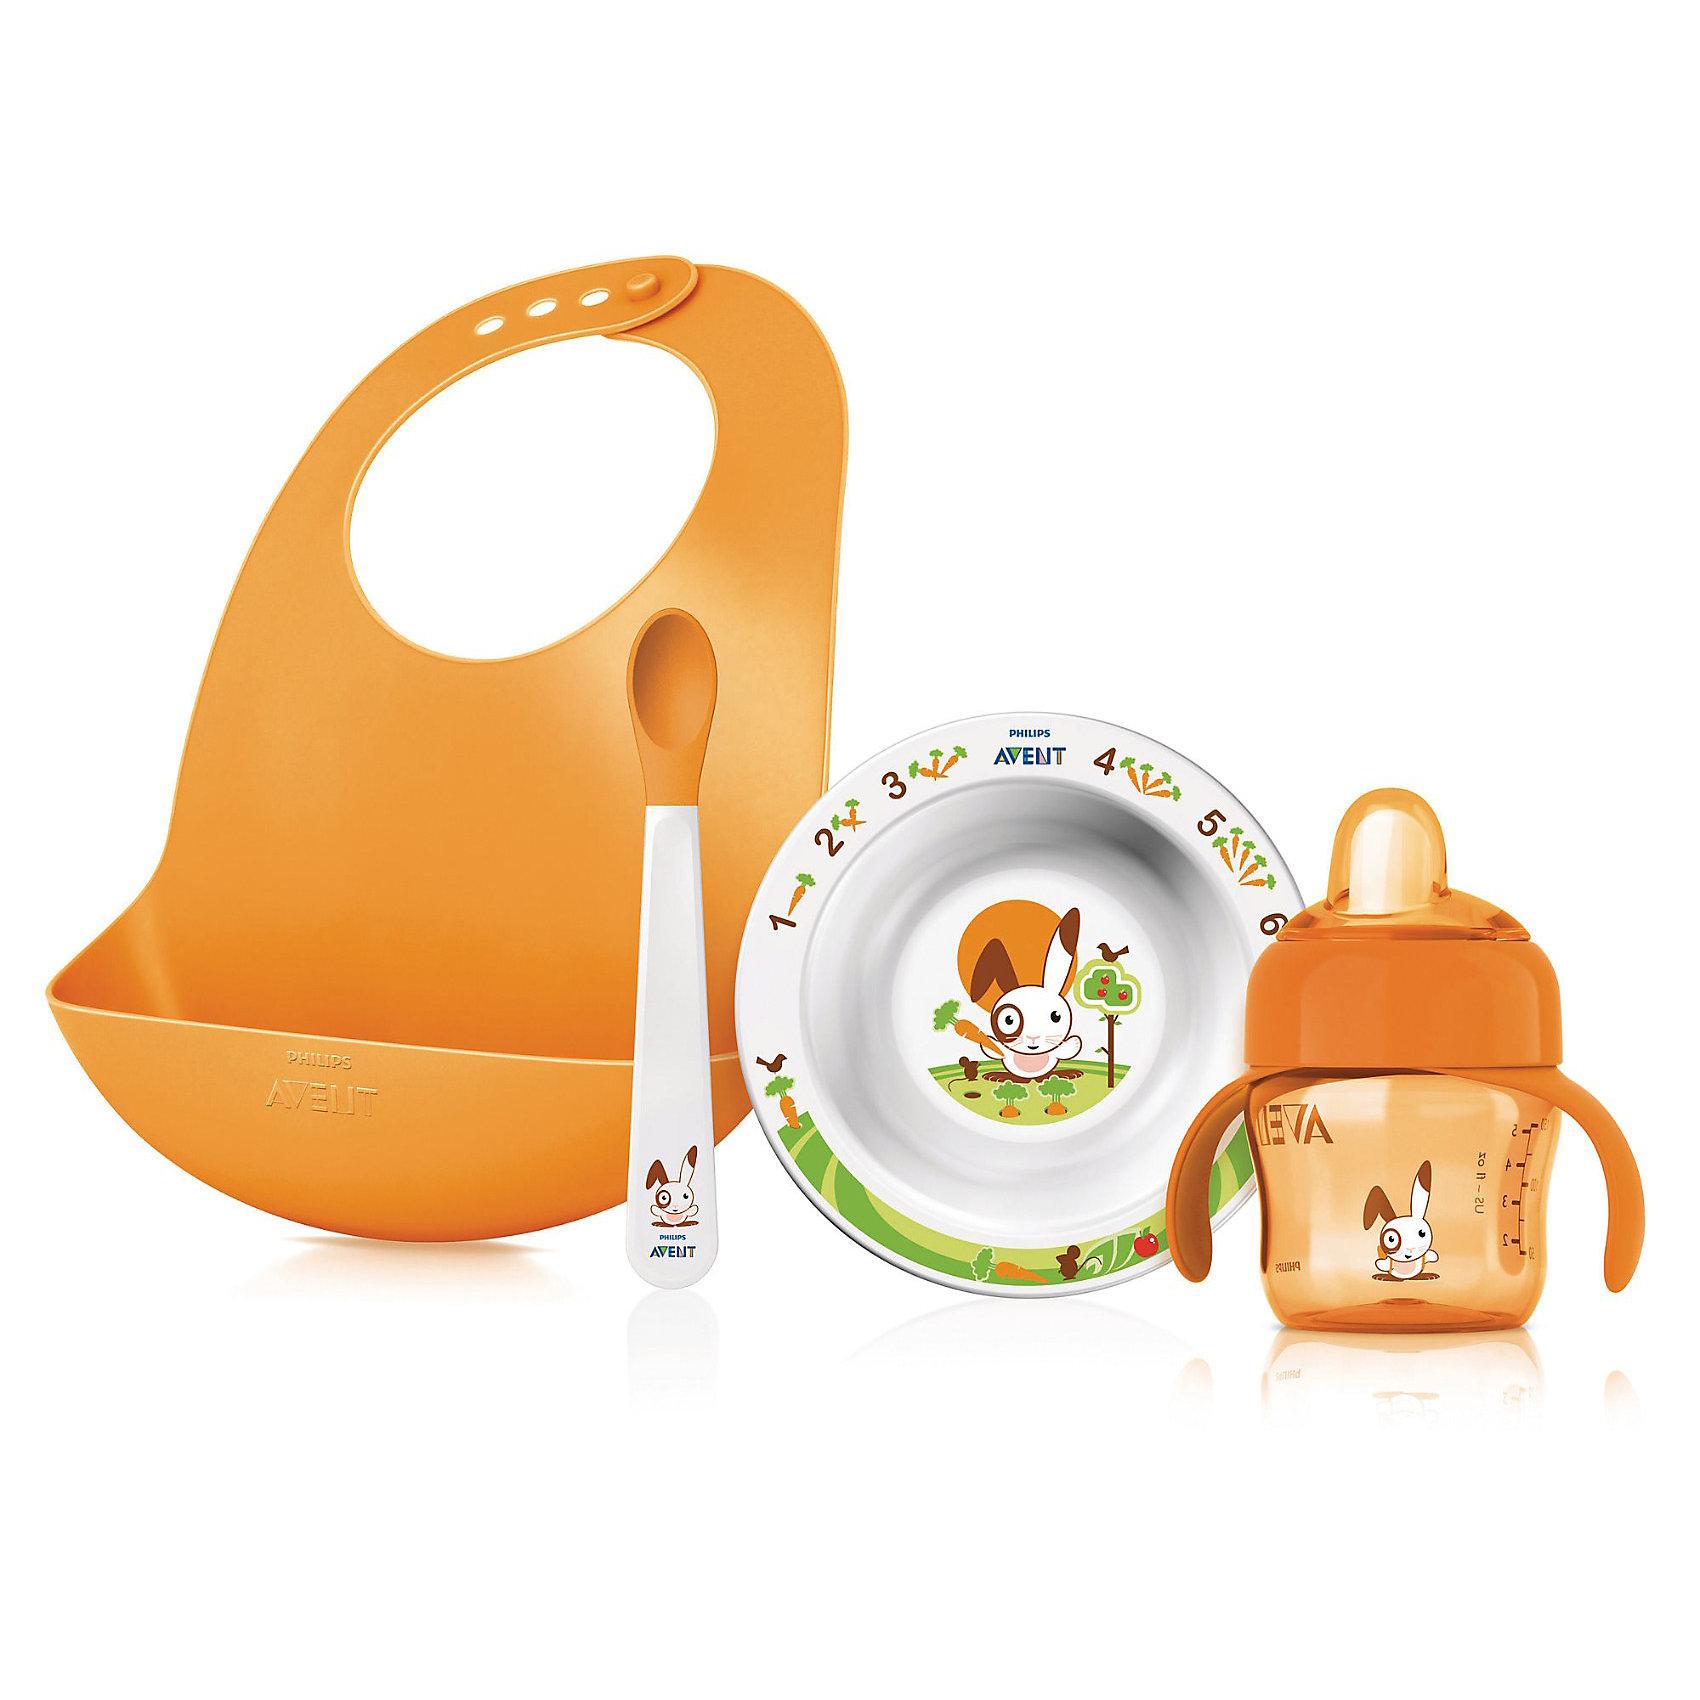 Подарочный набор для кормления SCF730/00, AVENTПодарочный набор для кормления SCF730/00 от Philips AVENT (Авент) - все, что нужно для кормления Вашего малыша!<br><br>Полный комплект для всех этапов развития малыша!<br><br>- Специальный кармашек на нагруднике собирает все крошки и упавшие кусочки<br>- Нескользящие ручки — чашку удобно держать, не боясь, что она соскользнет<br>- Мягкий носик для простого перехода от груди или бутылочки к чашке<br>- Клапан против проливания — идеально для дома и поездок<br>- Защелкивающийся колпачок для гигиеничности<br>- Нескользящее основание предотвращает проливание<br>- Мягкие края ложки не ранят десны малыша<br><br>В комплект входят:<br>• Нагрудник: 1 шт.<br>• Маленькая тарелка: 1 шт.<br>• Ложка: 1 шт.<br>• Чашка с носиком 200 мл: 1 шт.<br><br>Дополнительная информация:<br><br>- Без бисфенола-А<br>- Подходит для микроволновой печи (без столовых приборов)<br><br>Ширина мм: 89<br>Глубина мм: 224<br>Высота мм: 296<br>Вес г: 3432<br>Возраст от месяцев: 0<br>Возраст до месяцев: 36<br>Пол: Унисекс<br>Возраст: Детский<br>SKU: 3288981